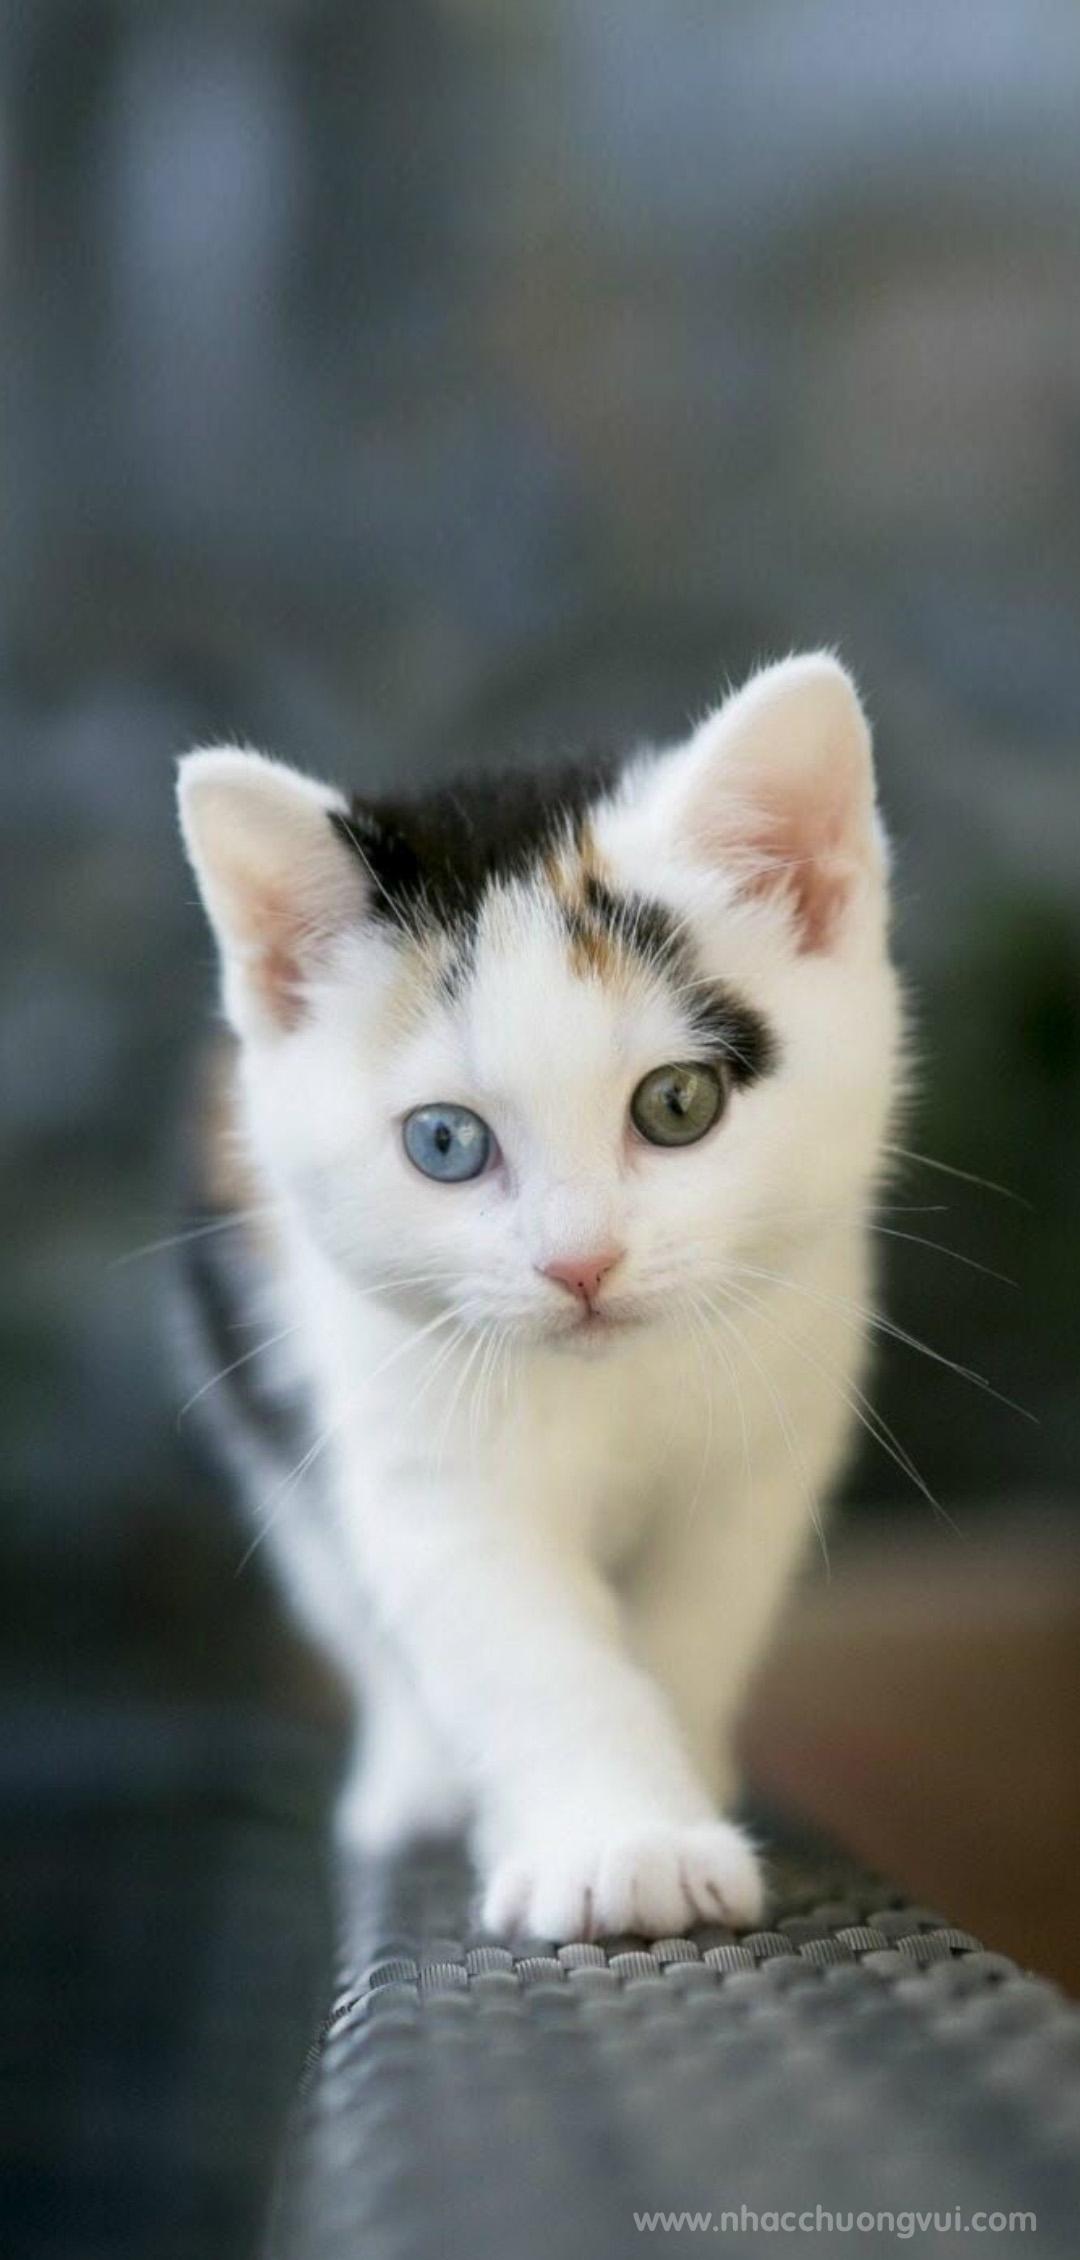 Hình nền mèo cho điện thoại dễ thương nhất 8